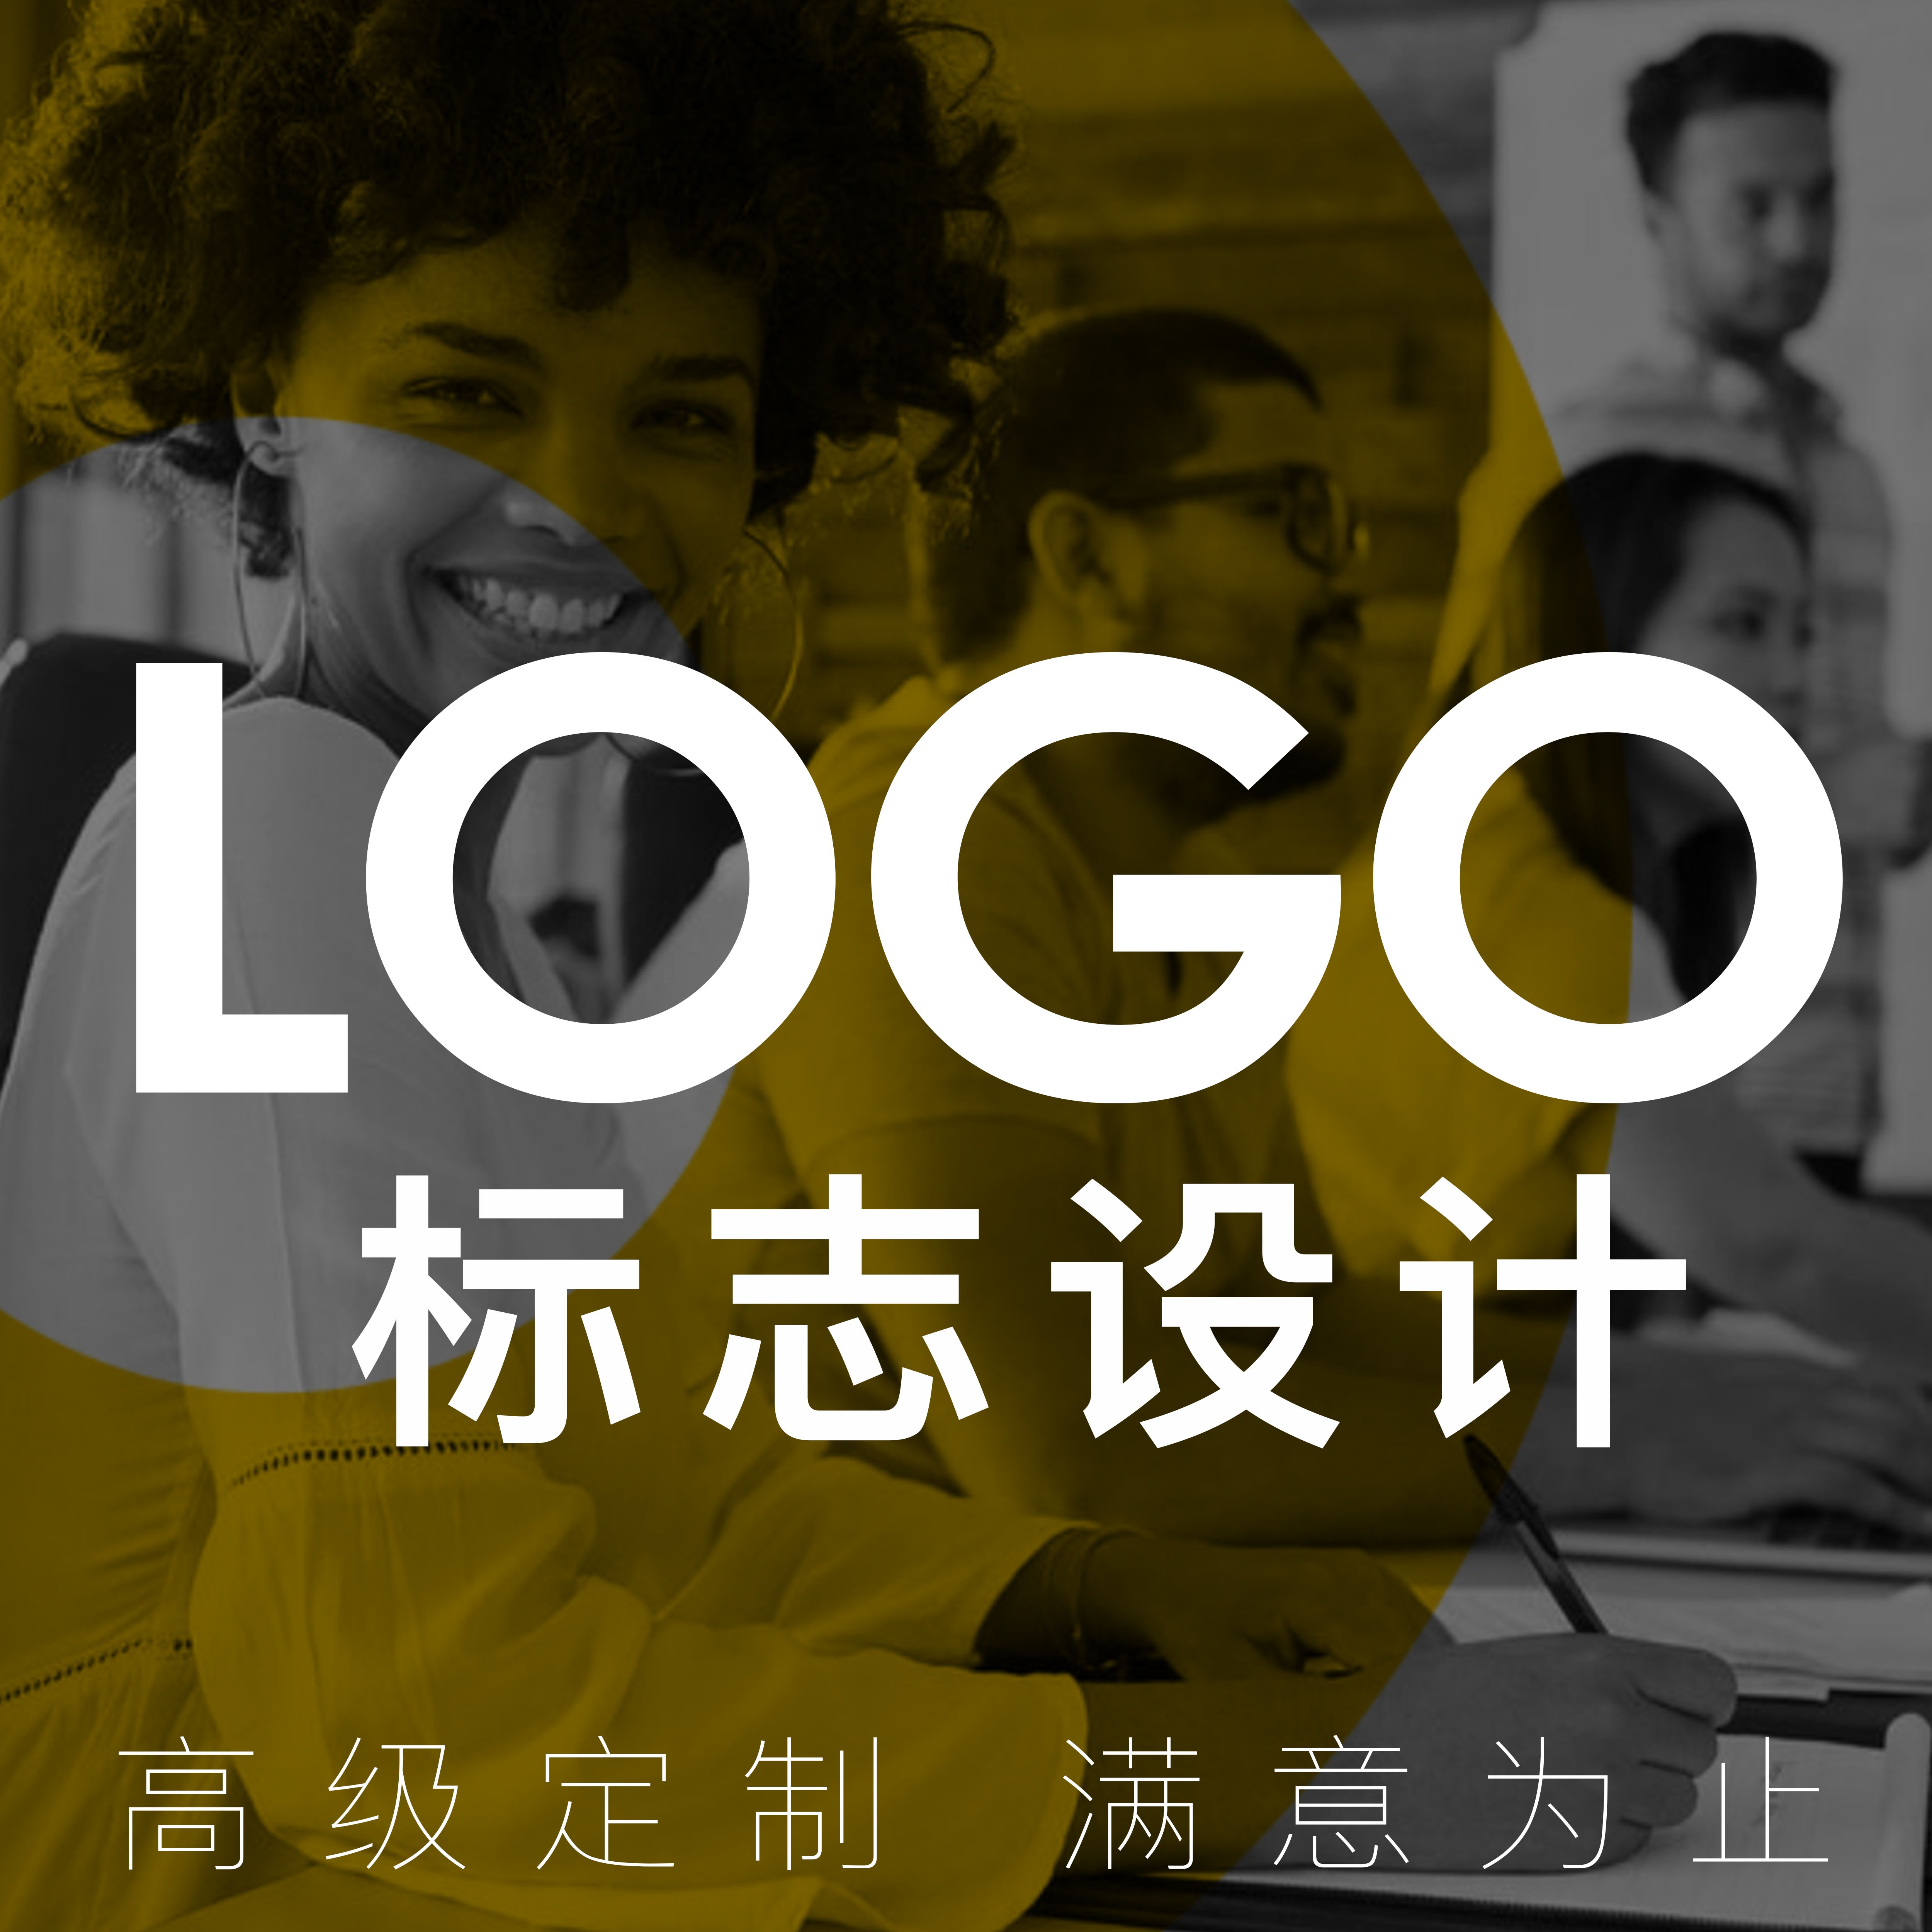 立体卡通 LOGO 吉祥物 企业产品卡通形象QQ表情微信表情设计